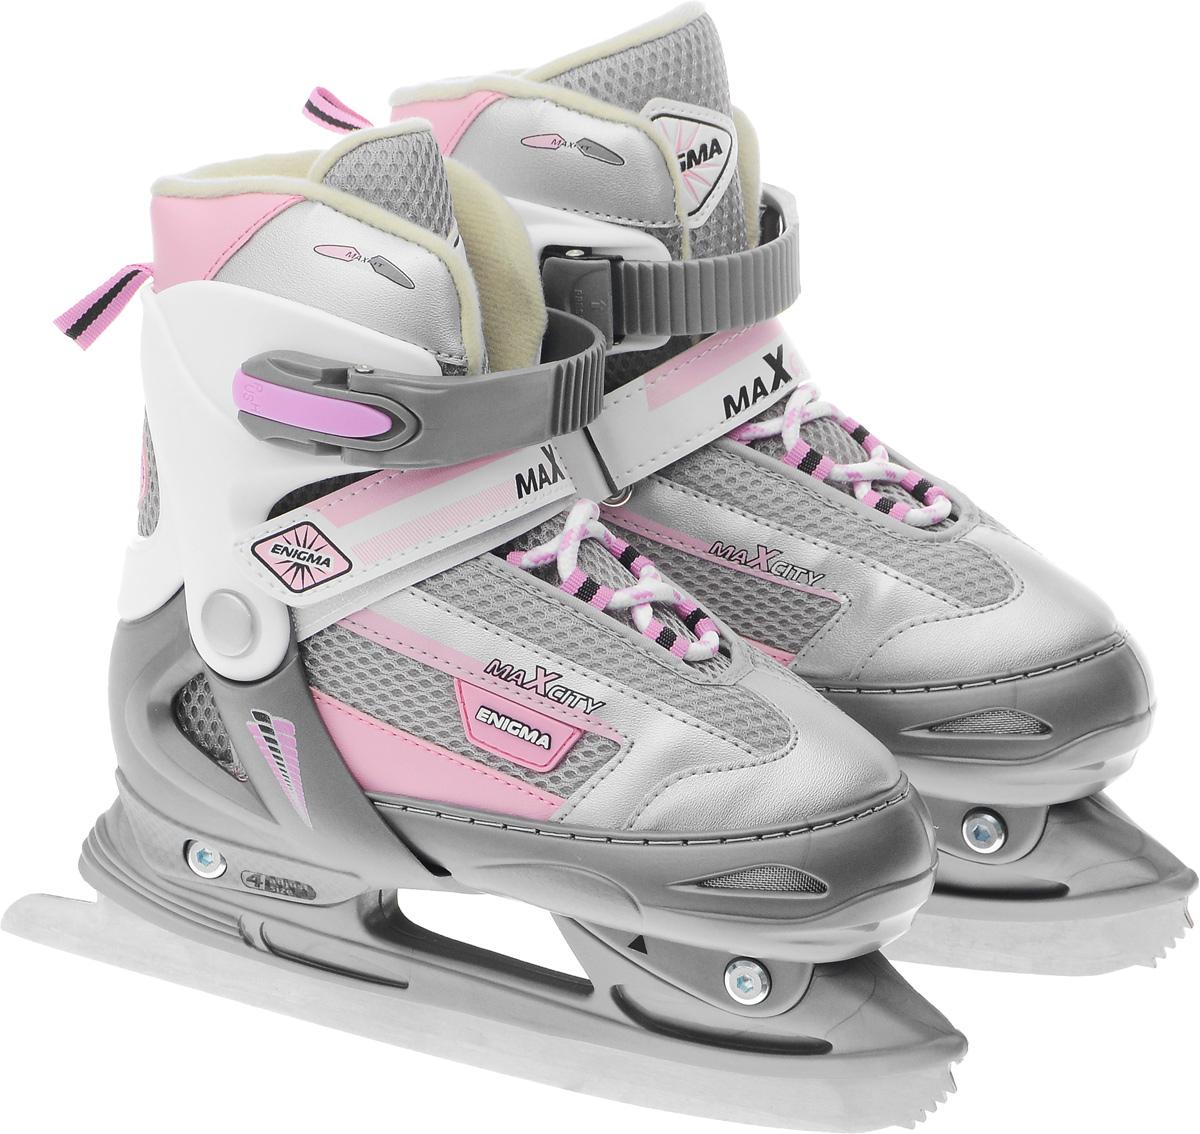 Коньки ледовые для девочки MaxCity Enigma girl, раздвижные, цвет: розовый, серый. Размер 34/37SF 010Оригинальные раздвижные ледовые коньки для девочки MaxCity Enigma girl с ударопрочной защитной конструкцией отлично подойдут для начинающих обучаться катанию. Ботинки изготовлены из морозостойкого пластика, который защитит ноги от ударов. Пластиковая бакля с фиксатором, хлястик на липучке и шнуровка надежно фиксируют голеностоп. Внутренний сапожок, выполненный из мягкого вельвета, обеспечит тепло и комфорт во время катания.Фигурное лезвие изготовлено из нержавеющей стали со специальным покрытием, придающим дополнительную прочность.Изделие декорировано принтом и тиснением в виде логотипа бренда, также оригинальными нашивками. Задняя часть коньков дополнена ярлычком для более удобного надевания обуви. Особенностью коньков является раздвижная конструкция, которая позволяет увеличивать длину ботинка на 4 размера по мере роста ноги ребенка. У сапожка с боку имеется специальная кнопка, которая позволит увеличить его размер.Стильные коньки придутся по душе вашему ребенку.